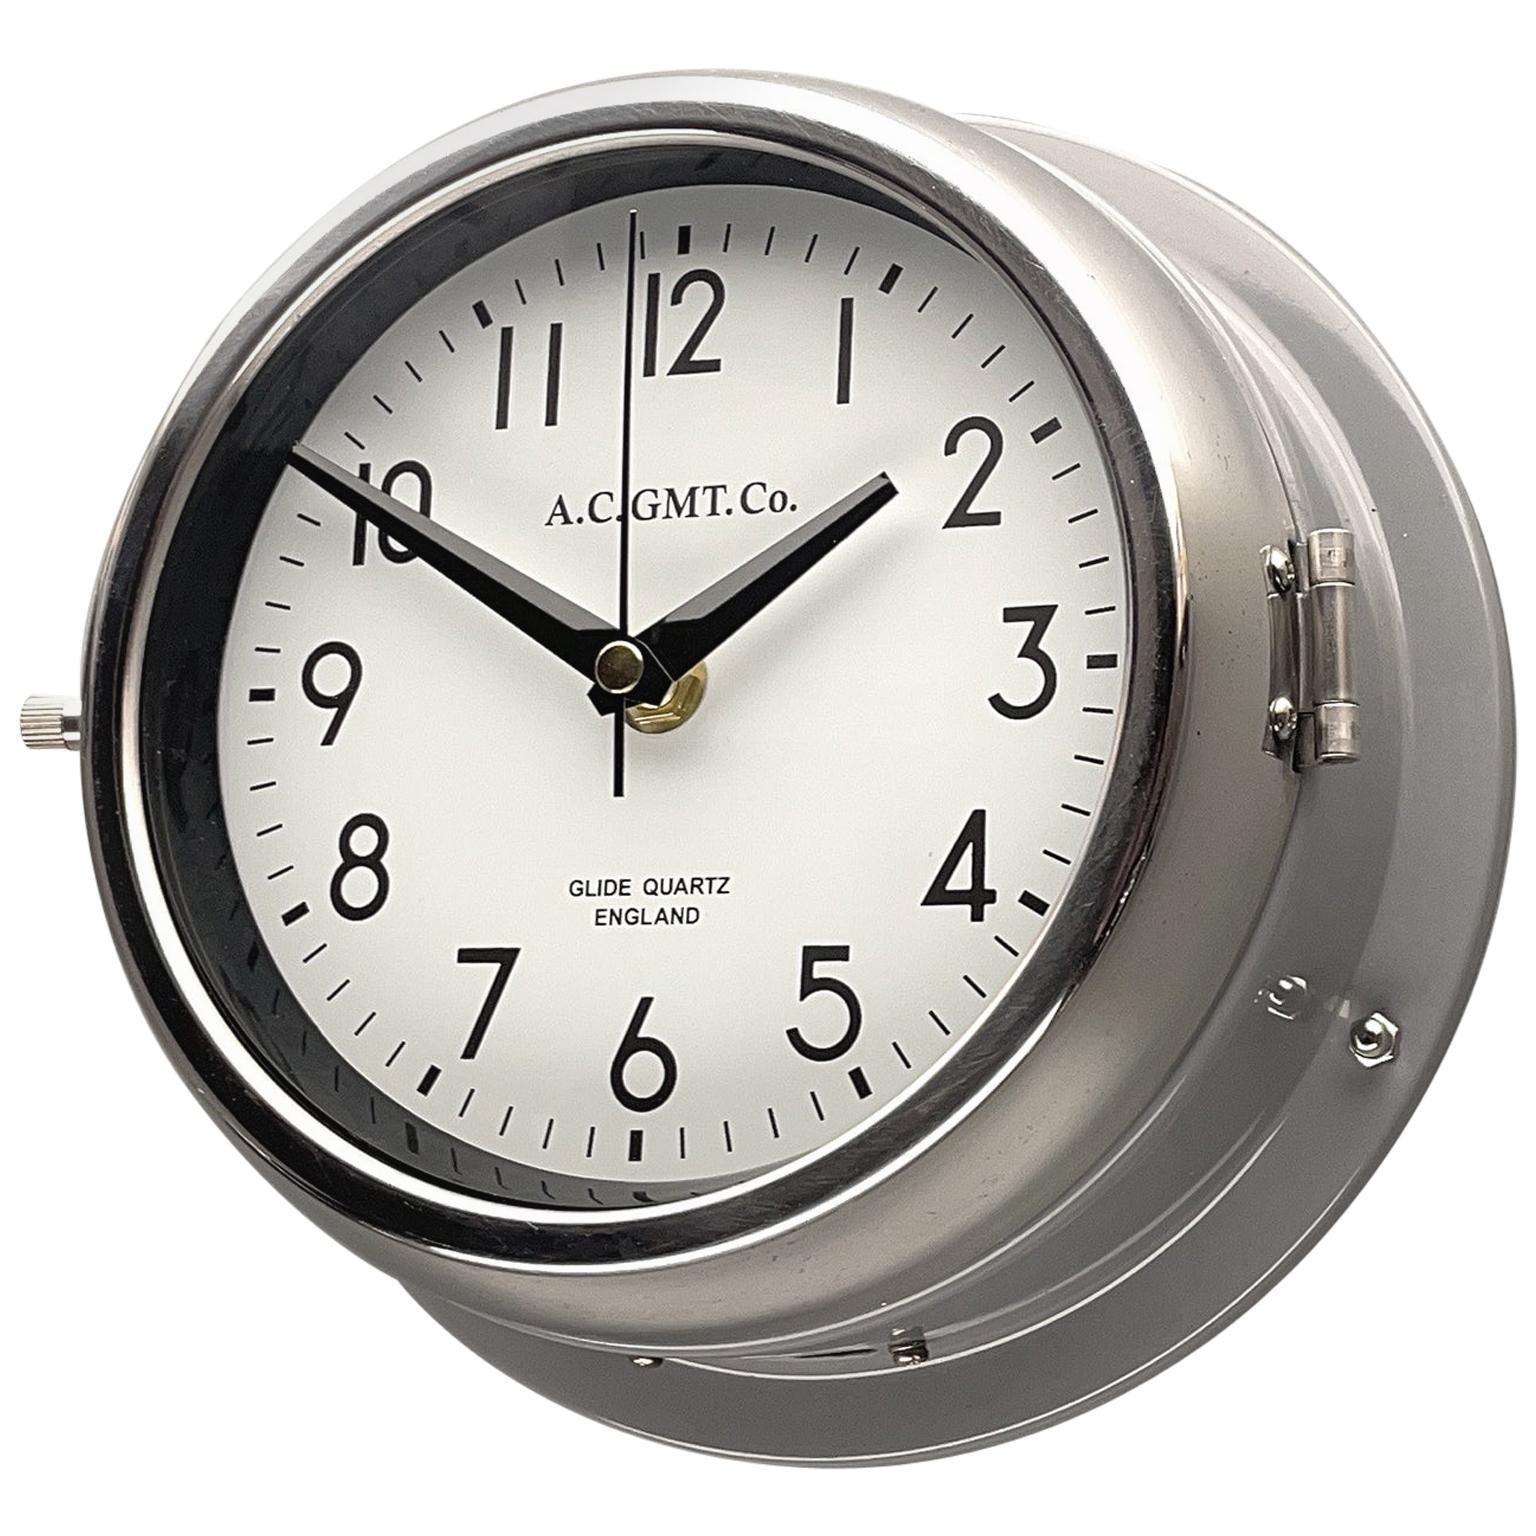 1970's British Ultimate Gray /Monochrome AC GMT Co. Classic Quartz Wall Clock